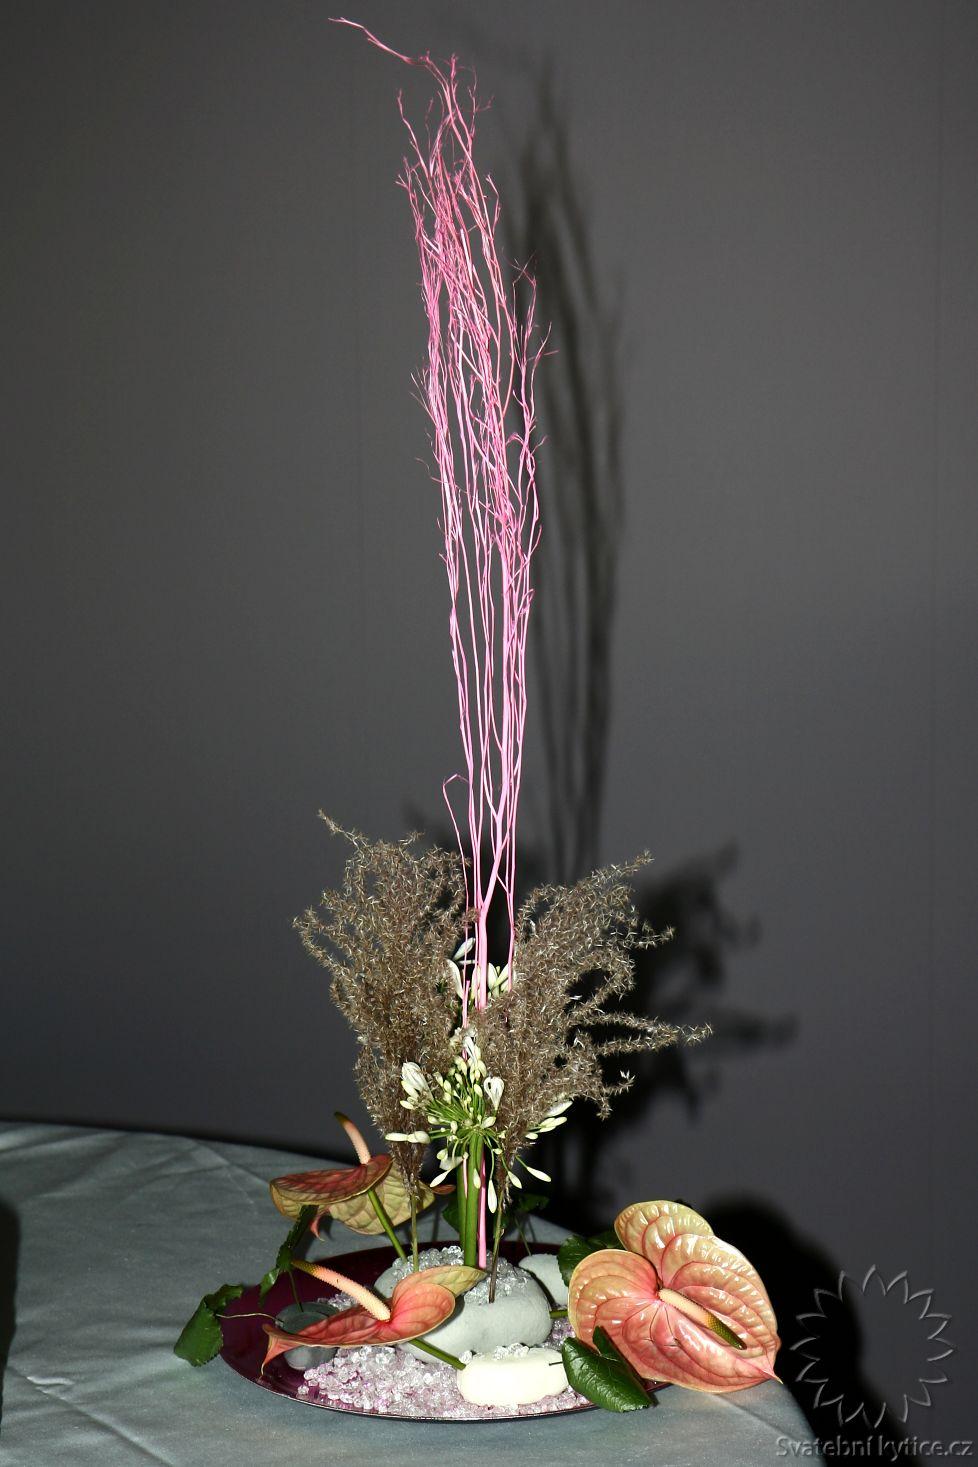 Kvetinove Dekorace Kongresove Centrum Praha Mary Kay 533 2411